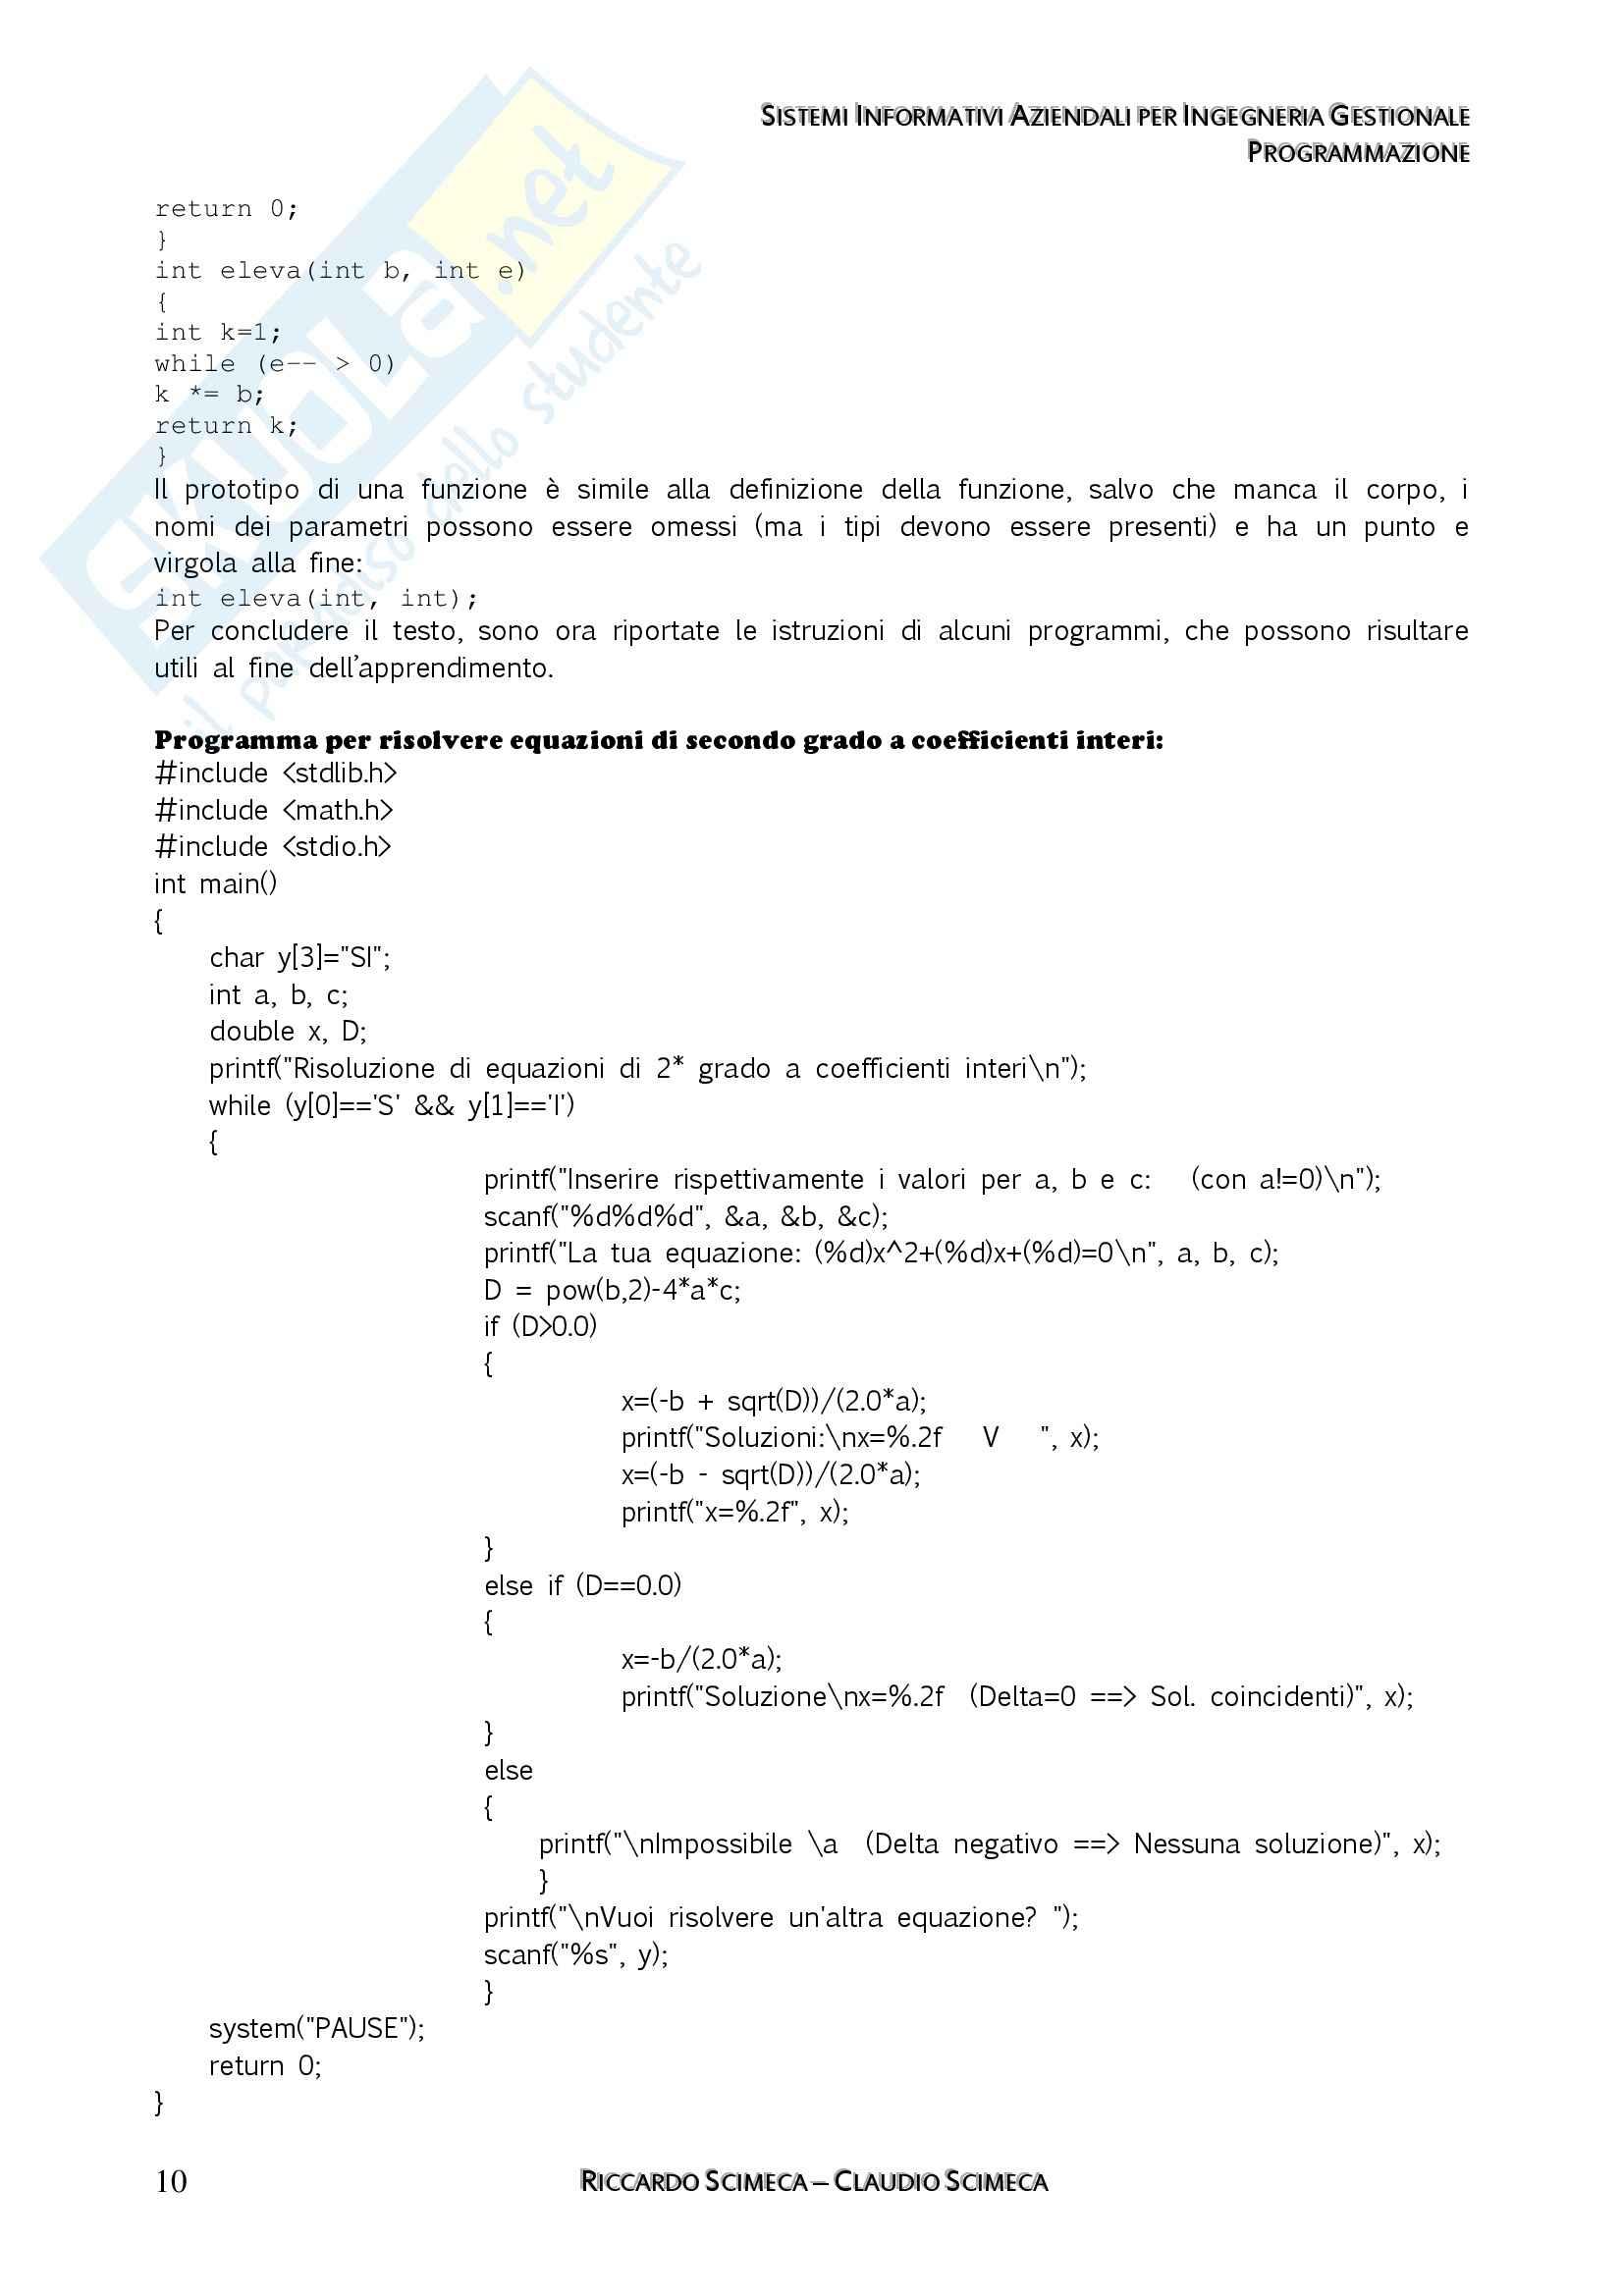 Sistemi Informativi Aziendali - Appunti Pag. 31